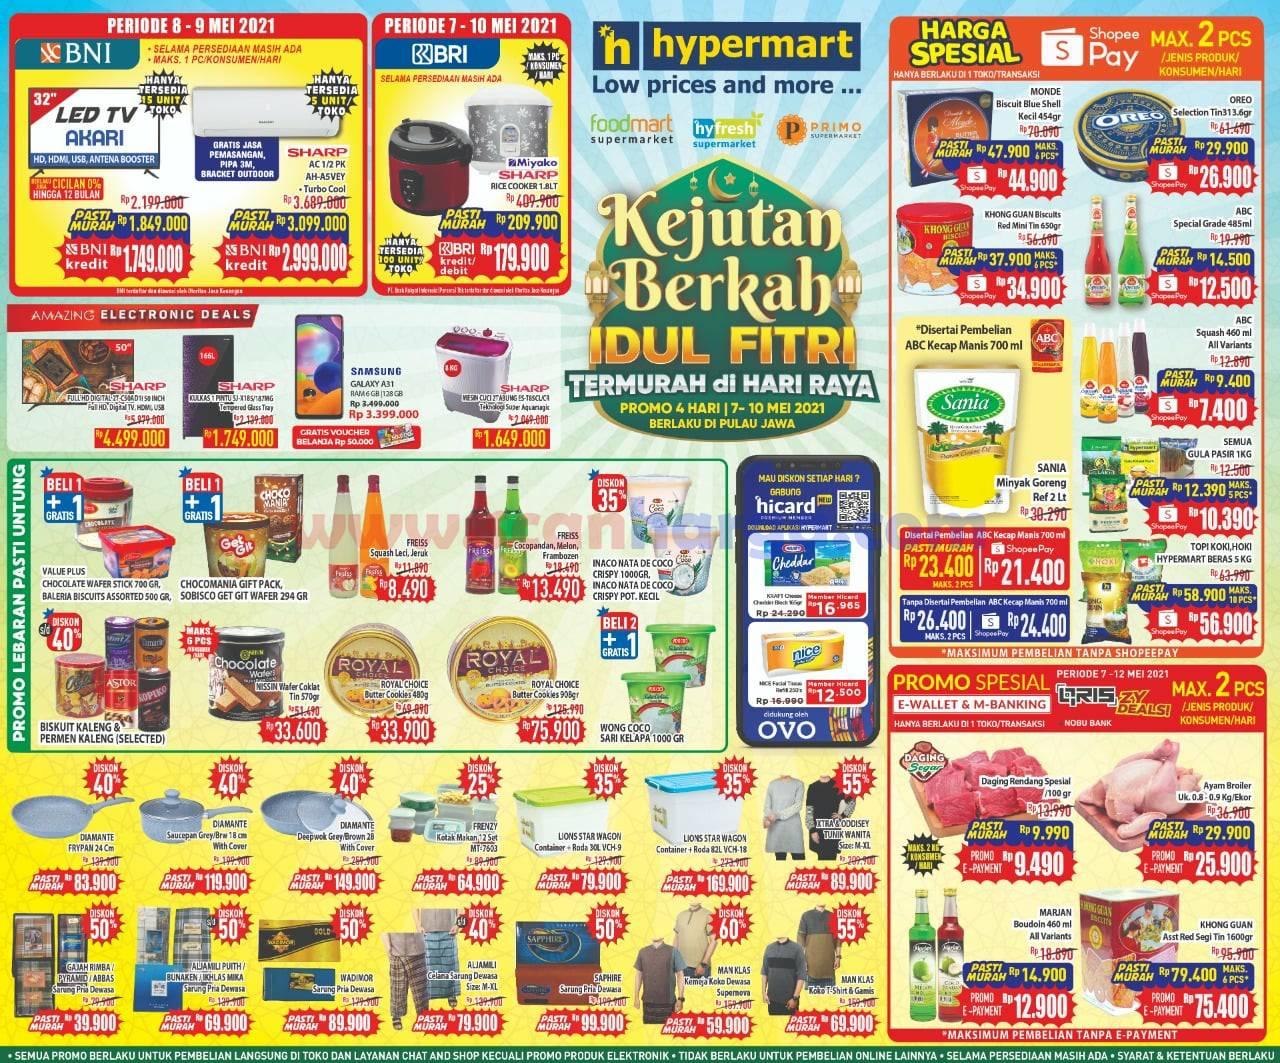 Katalog Promo Hypermart Weekend 7 - 10 Mei 2021 2